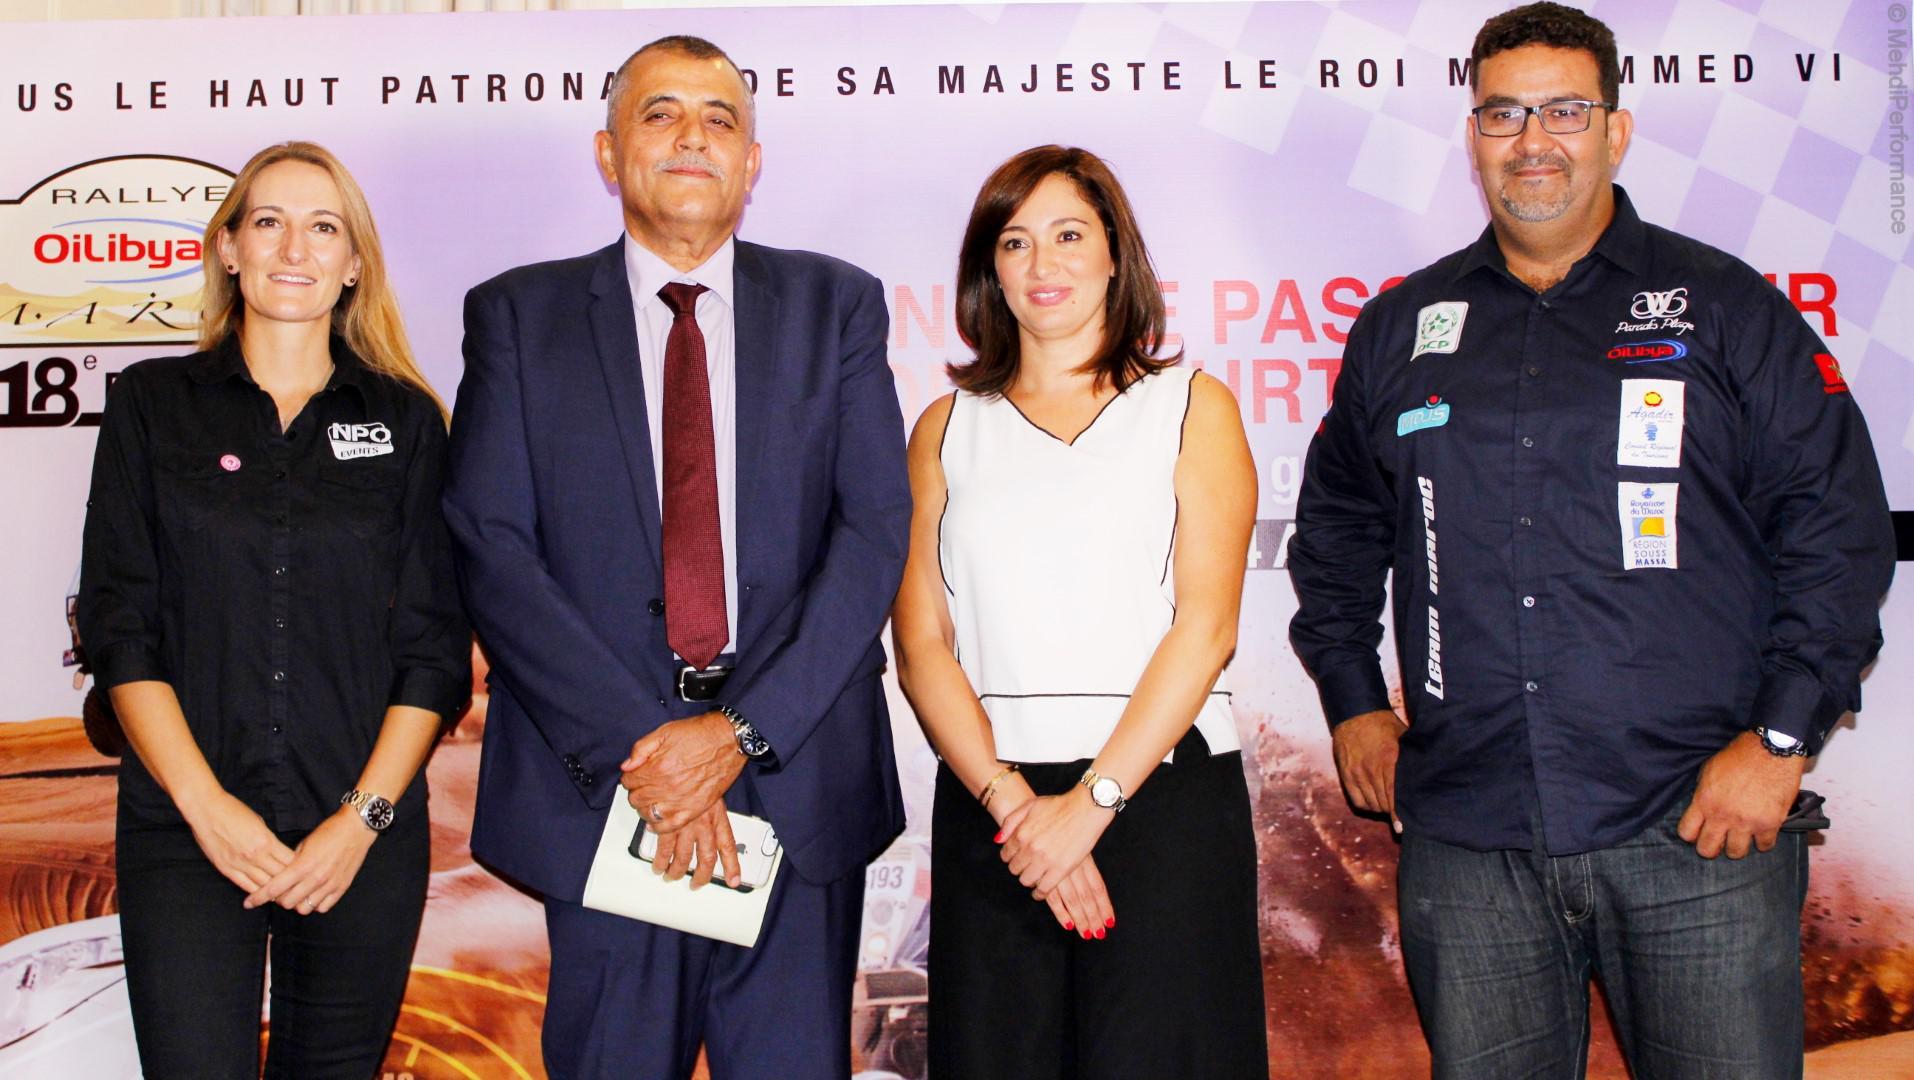 rallye-oilibya-maroc-2017-415-3.jpg